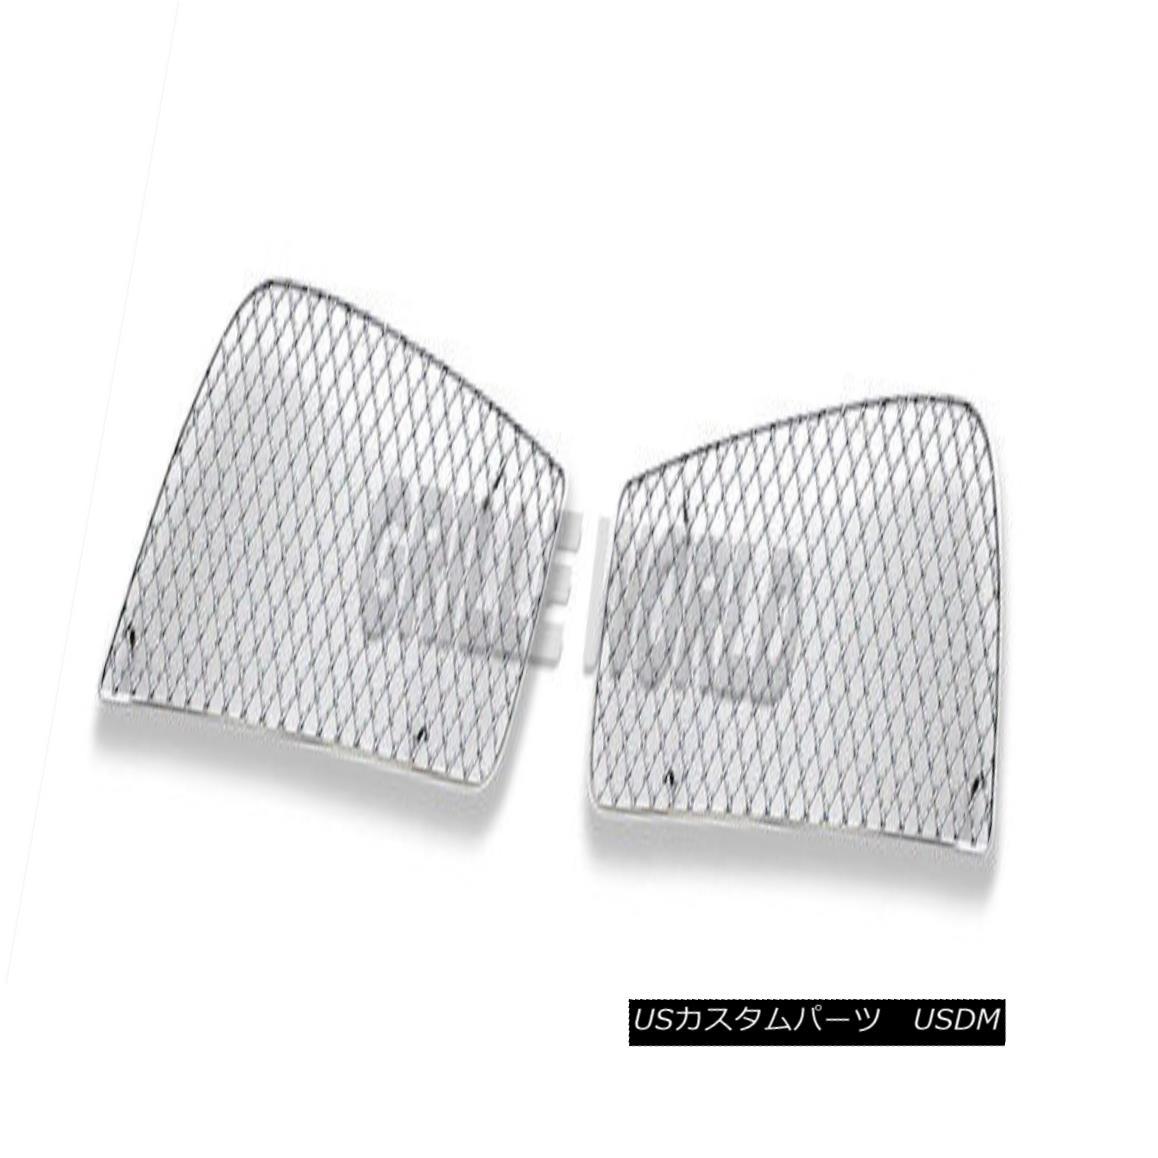 グリル For 2011-2014 Chevy Cruze Fog Light Stainless Steel X Mesh Premium Grille 2011-2014シボレークルーズフォグライトステンレススチールXメッシュプレミアムグリル